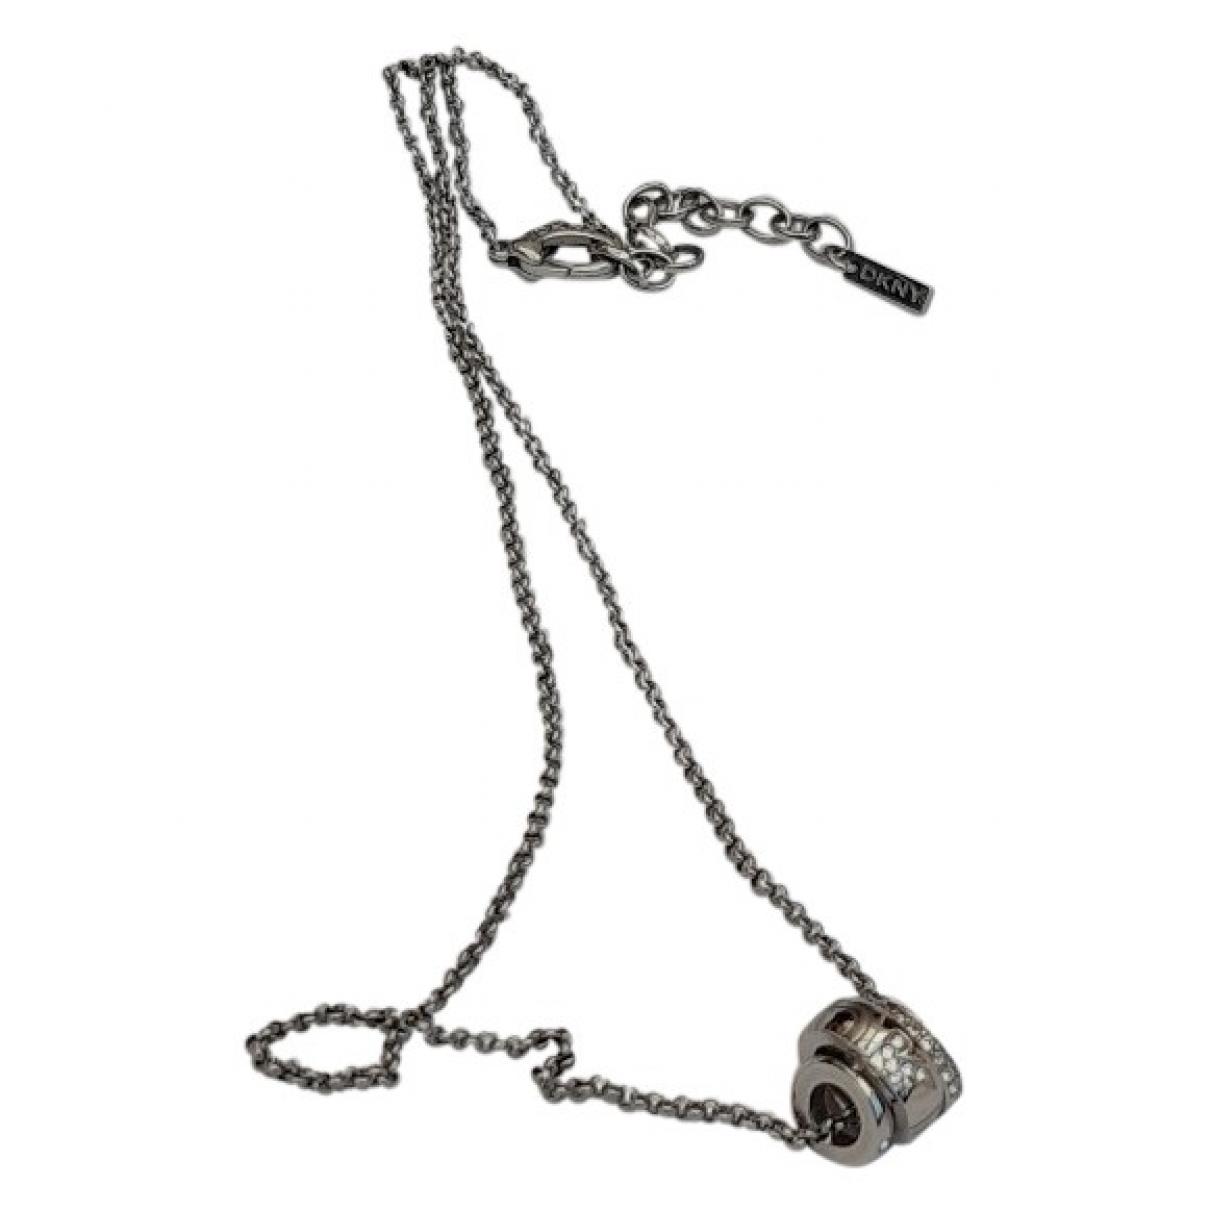 Dkny \N Kette in  Silber Stahl